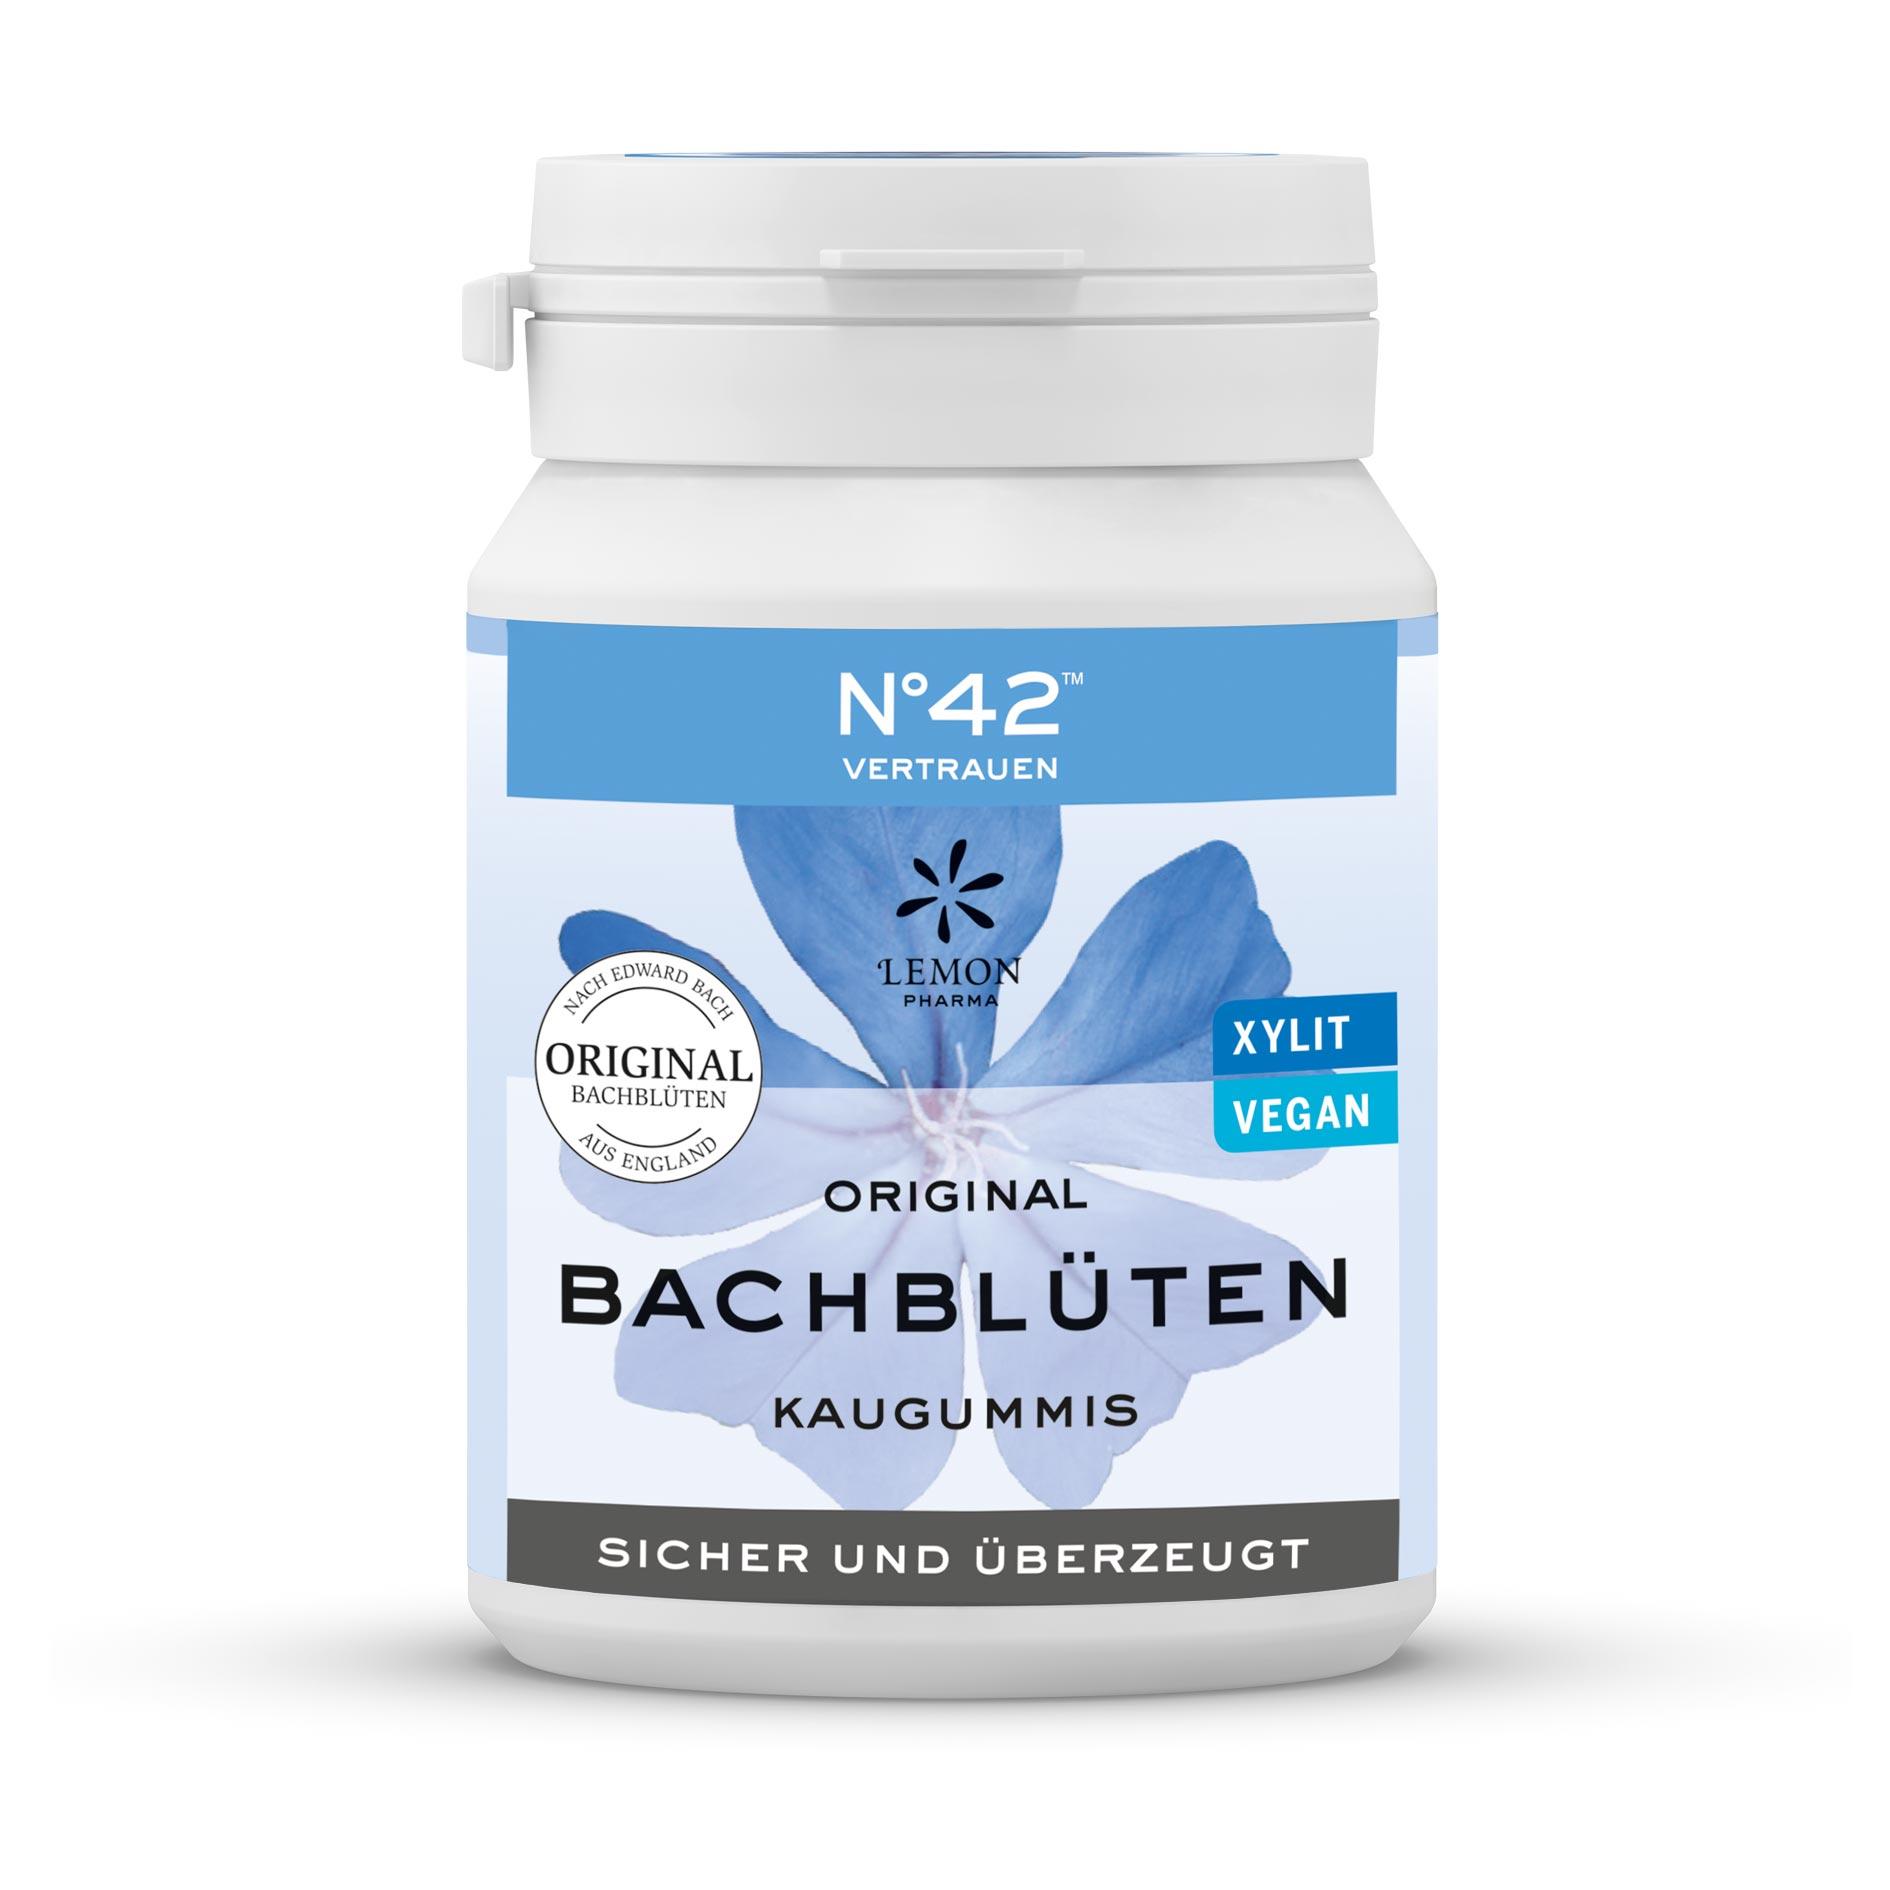 Chewing-gum 42 Confiance Lemon Pharma Original Fleurs de Bach sûr et convaincu xylit végan intuition